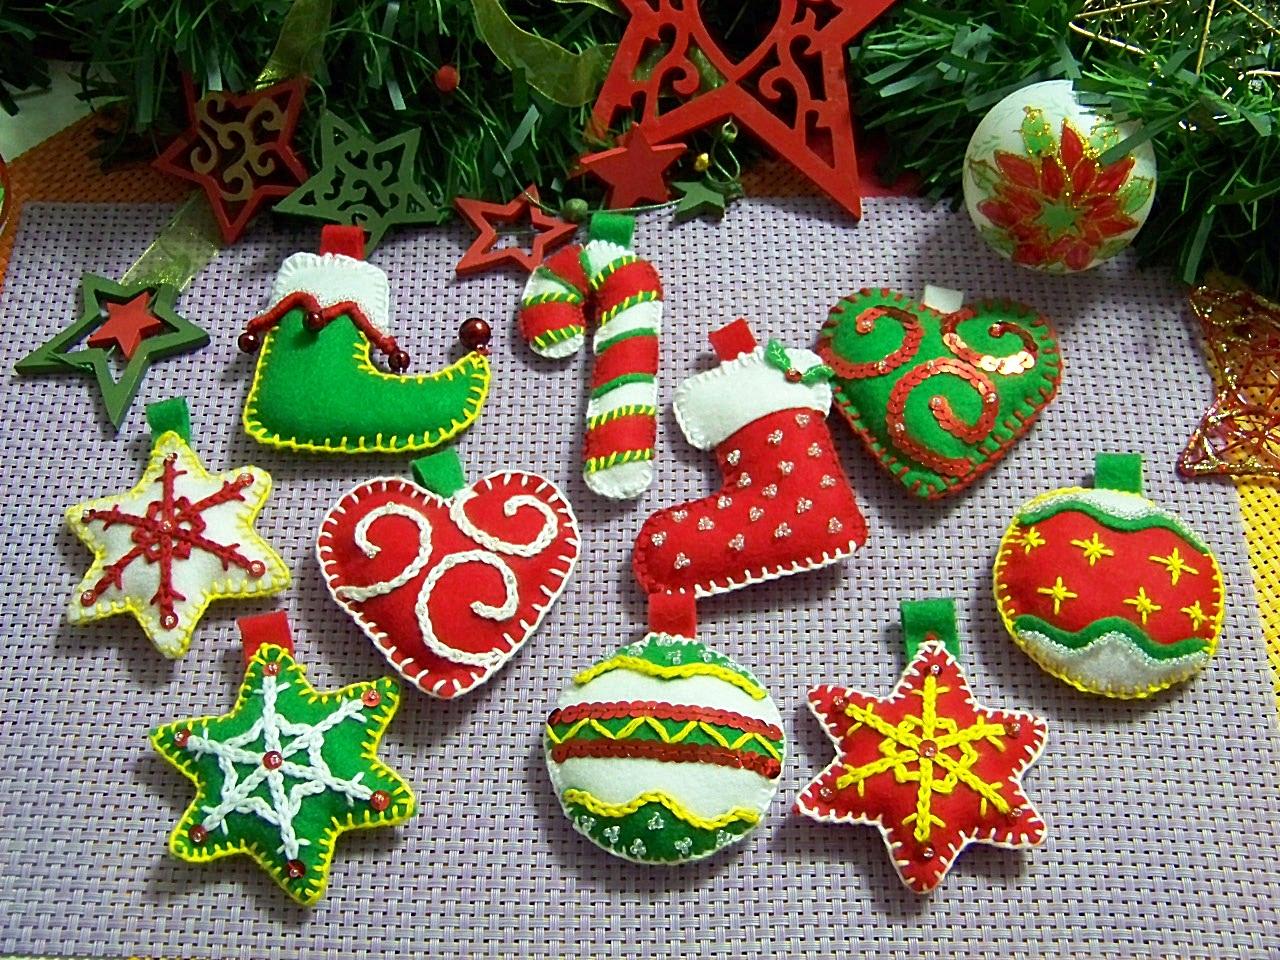 Mi cocinita de juguete feliz navidad mis adornos for Adornos originales para navidad